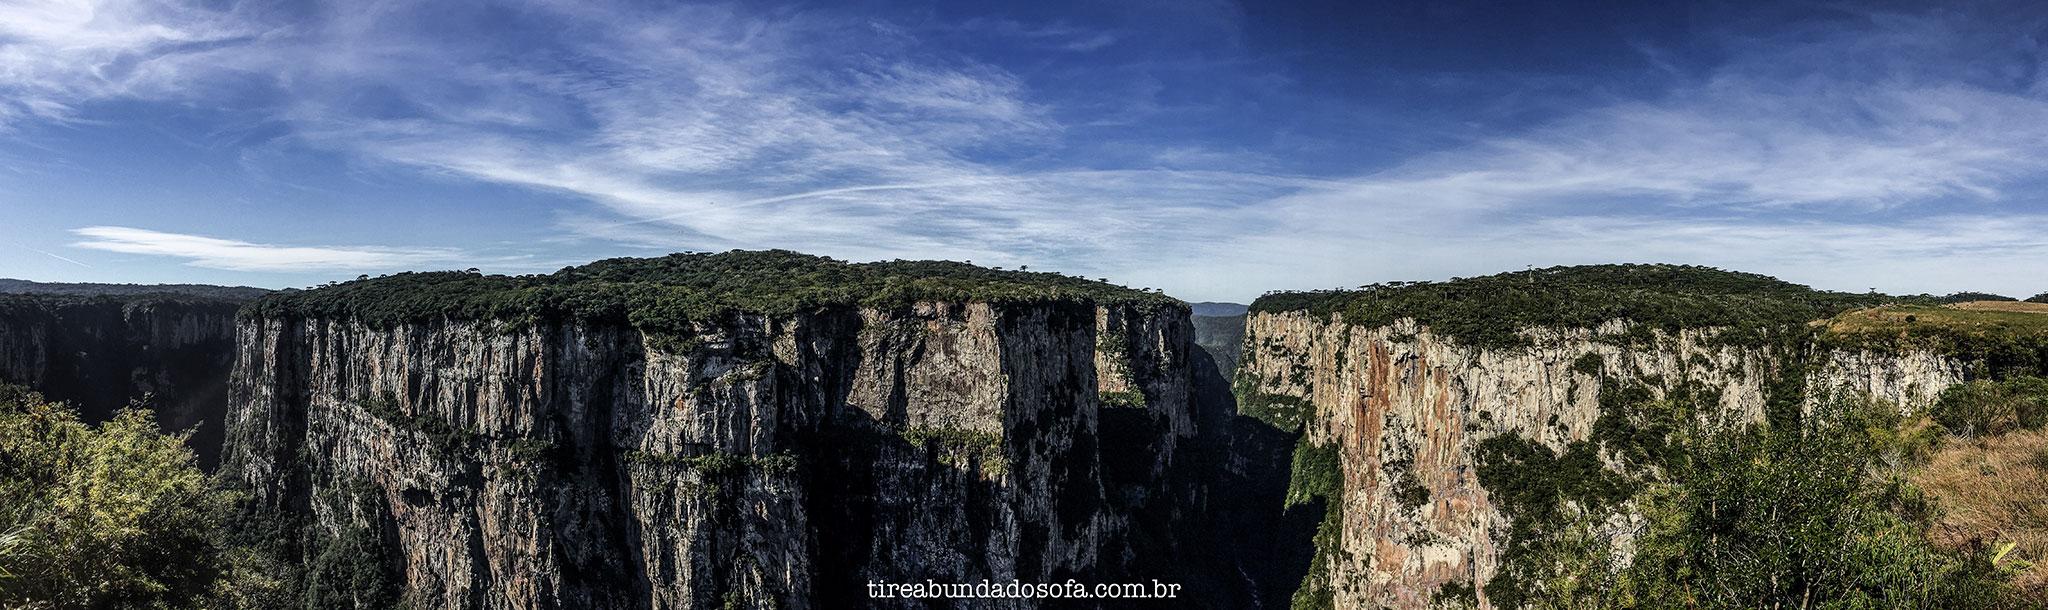 trilha do cotovelo, cânion itaimbezinho, parque nacional dos aparados da serra, cambará do sul, rio grande do sul, , o que fazer em cambará do sul